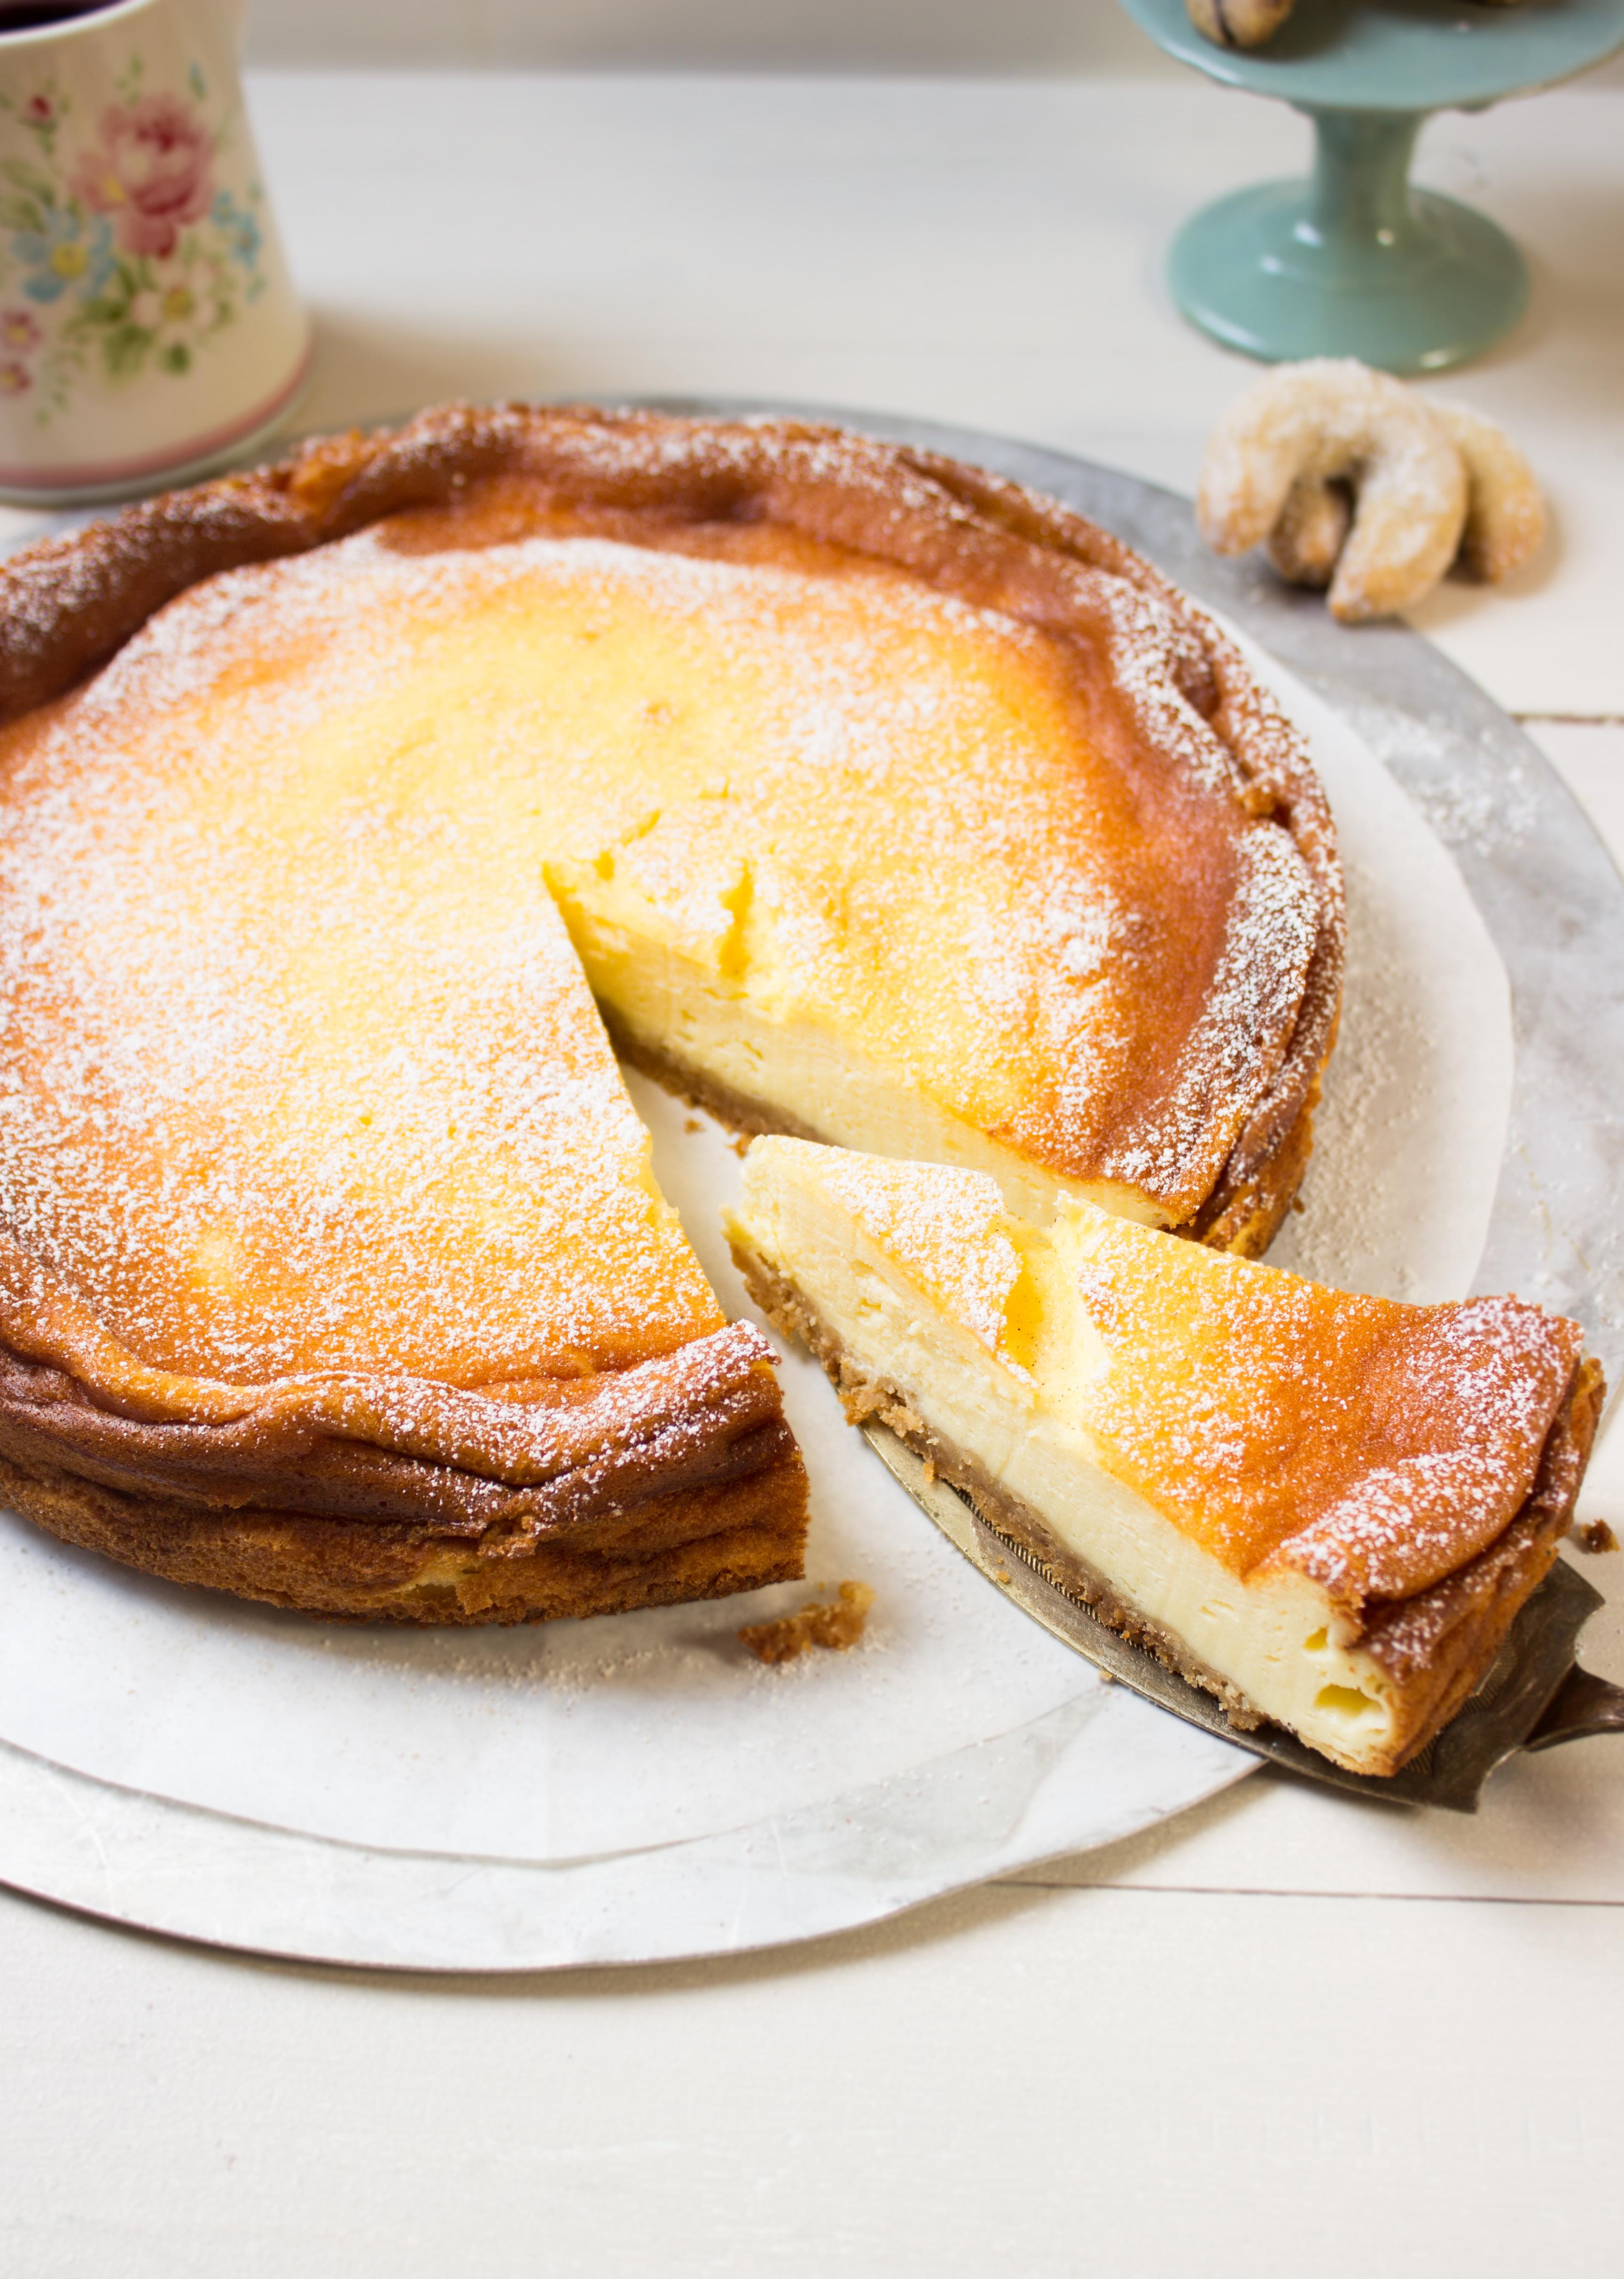 rezept-fur-einen-vanillekipferl-schmandkuchen